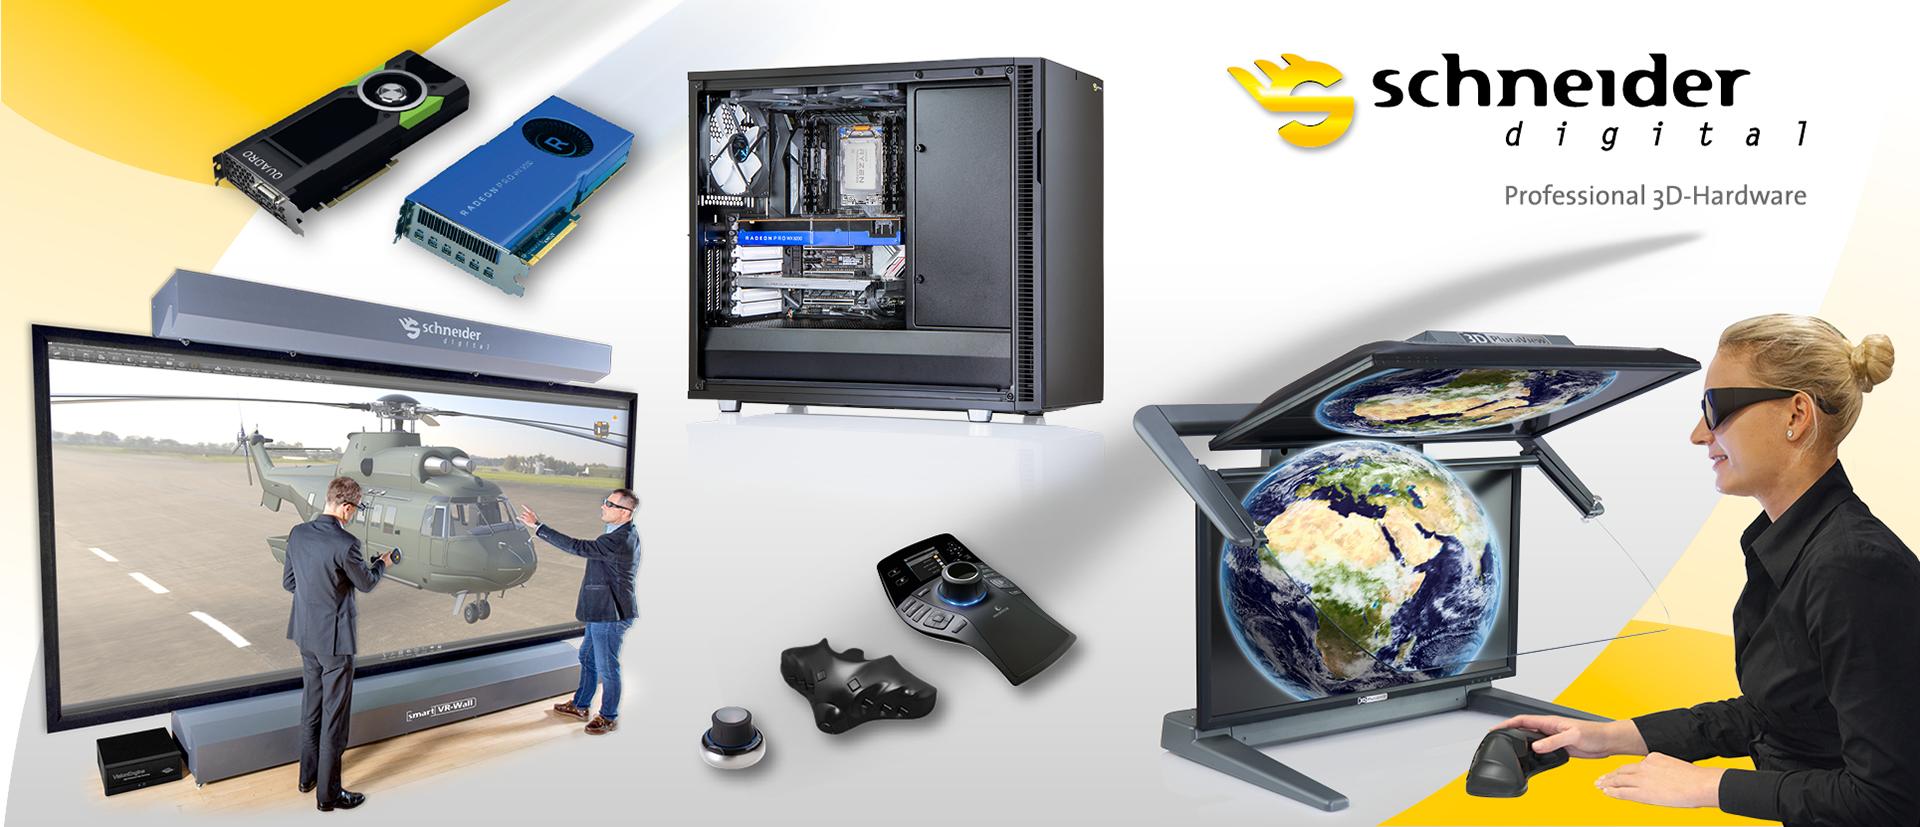 Schneider Digital Product Portfolio